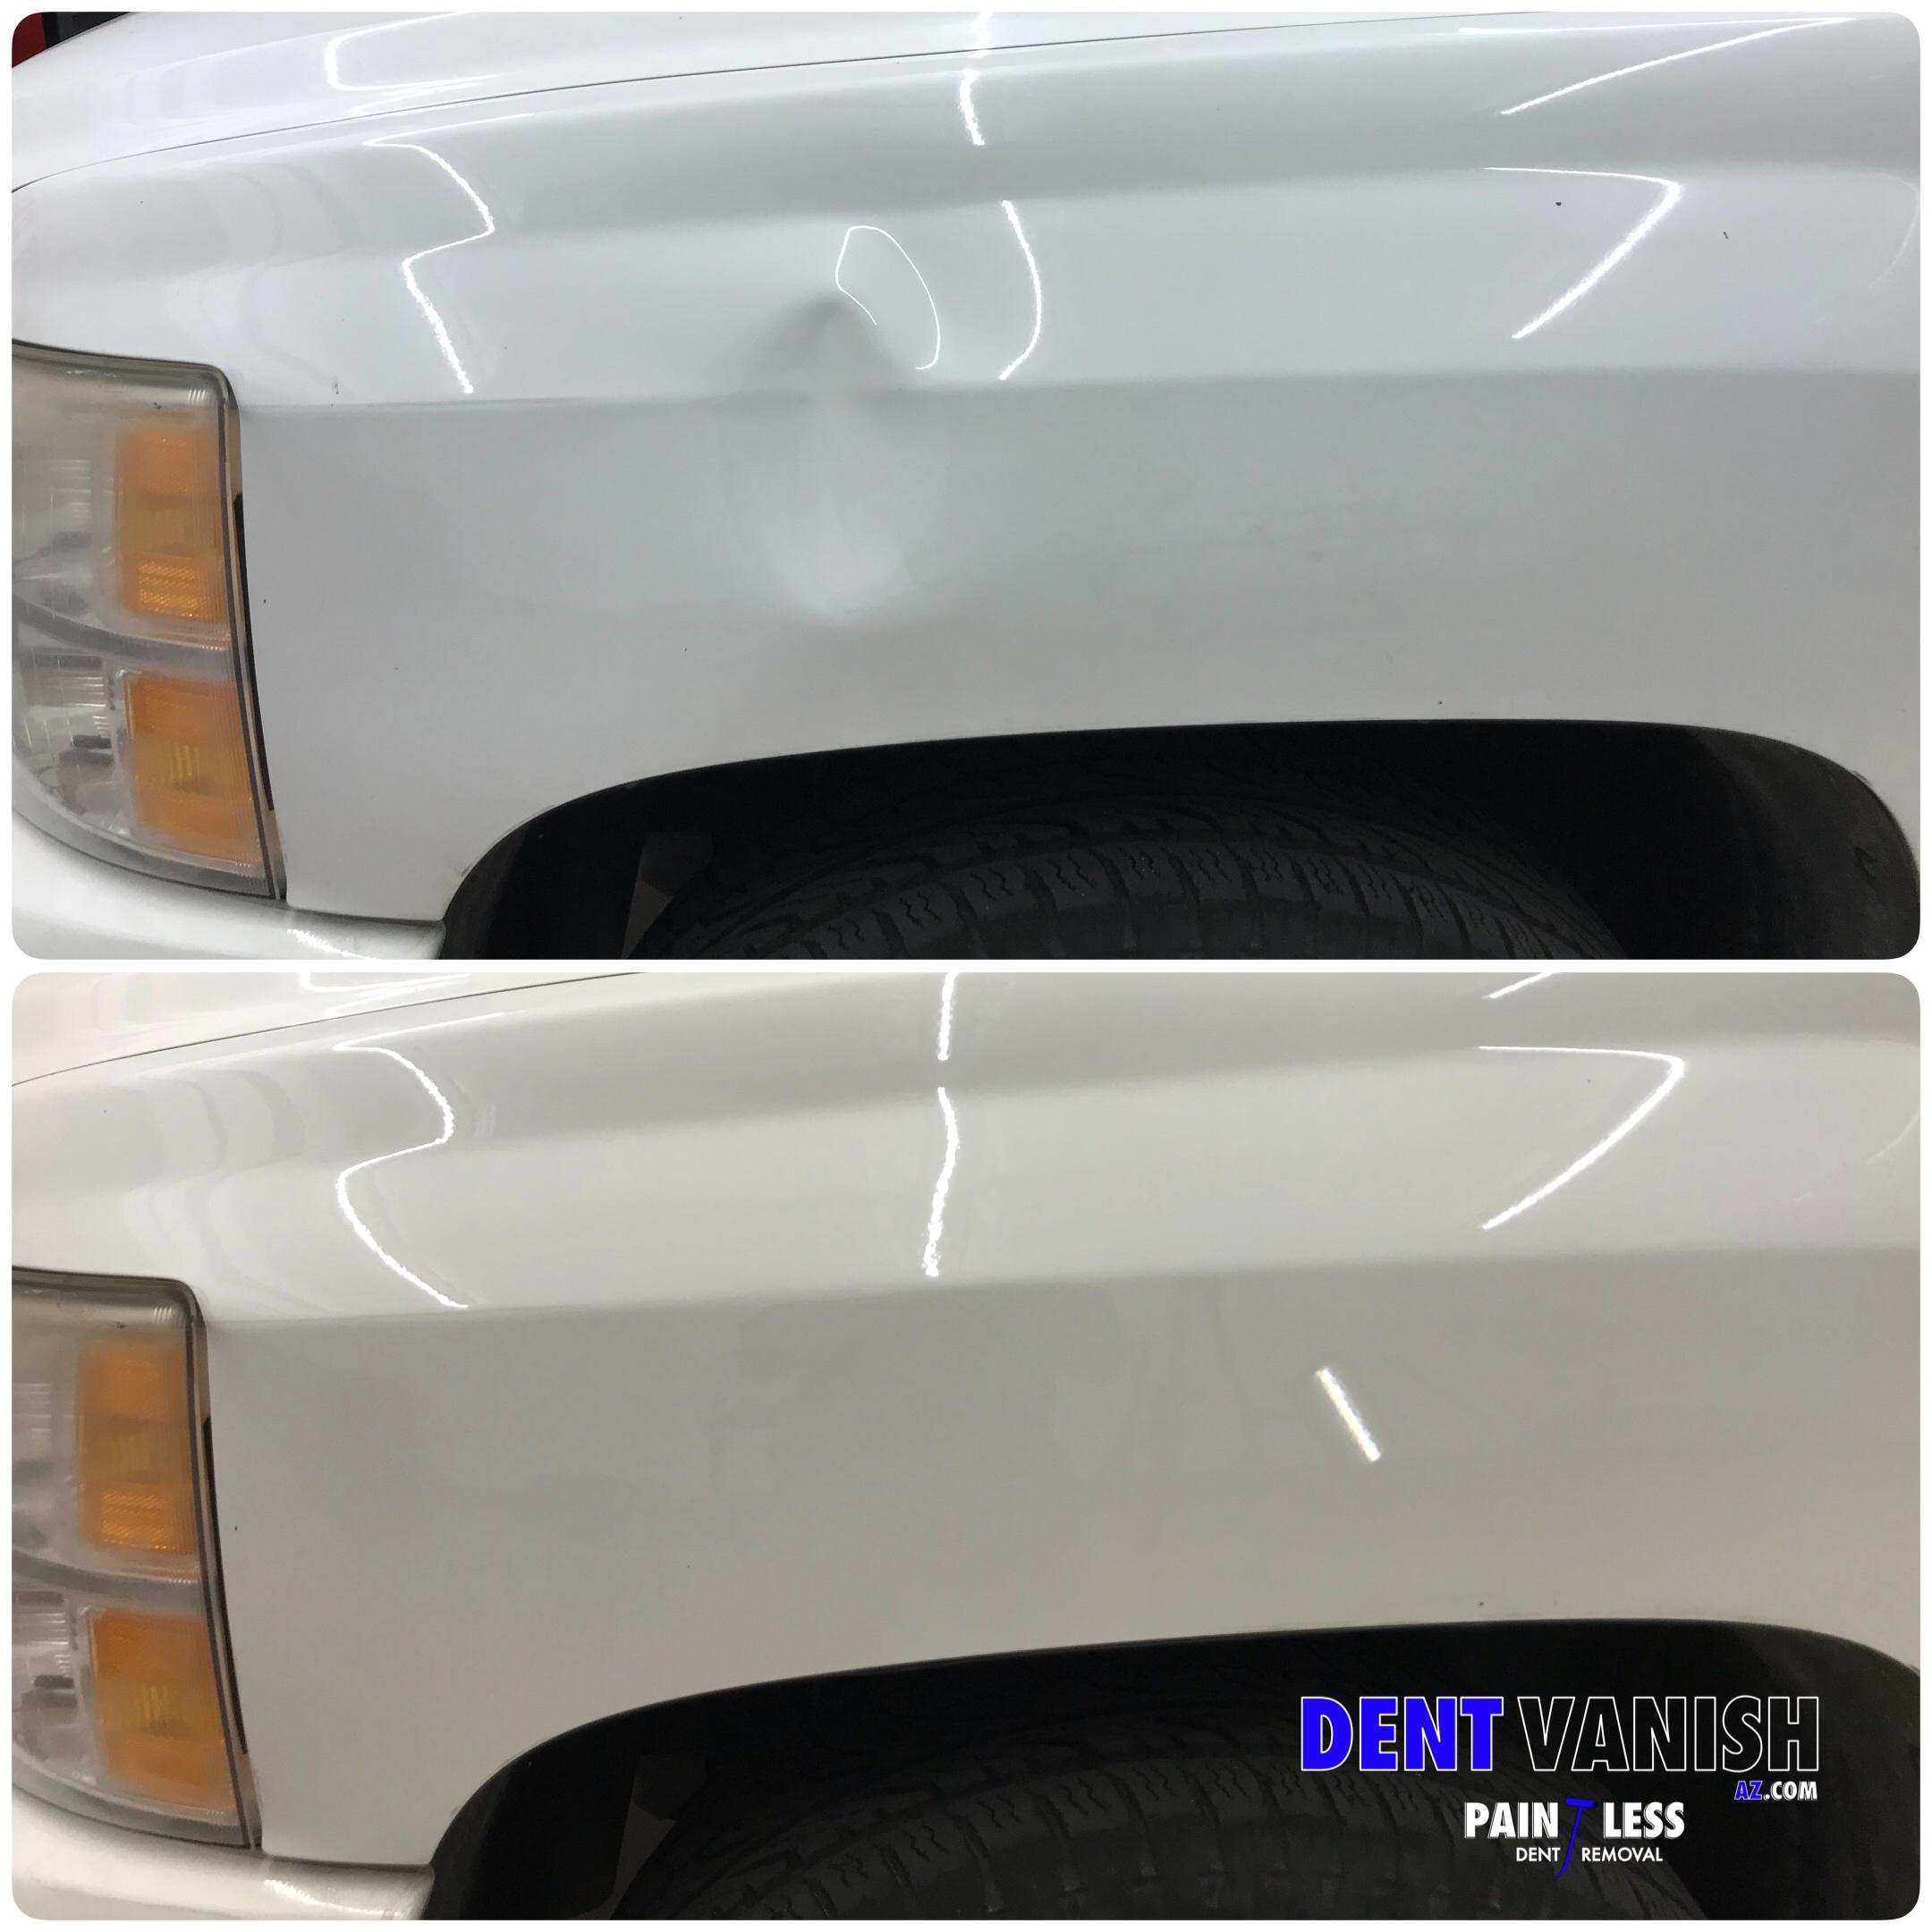 Chevy Silverado fender repair